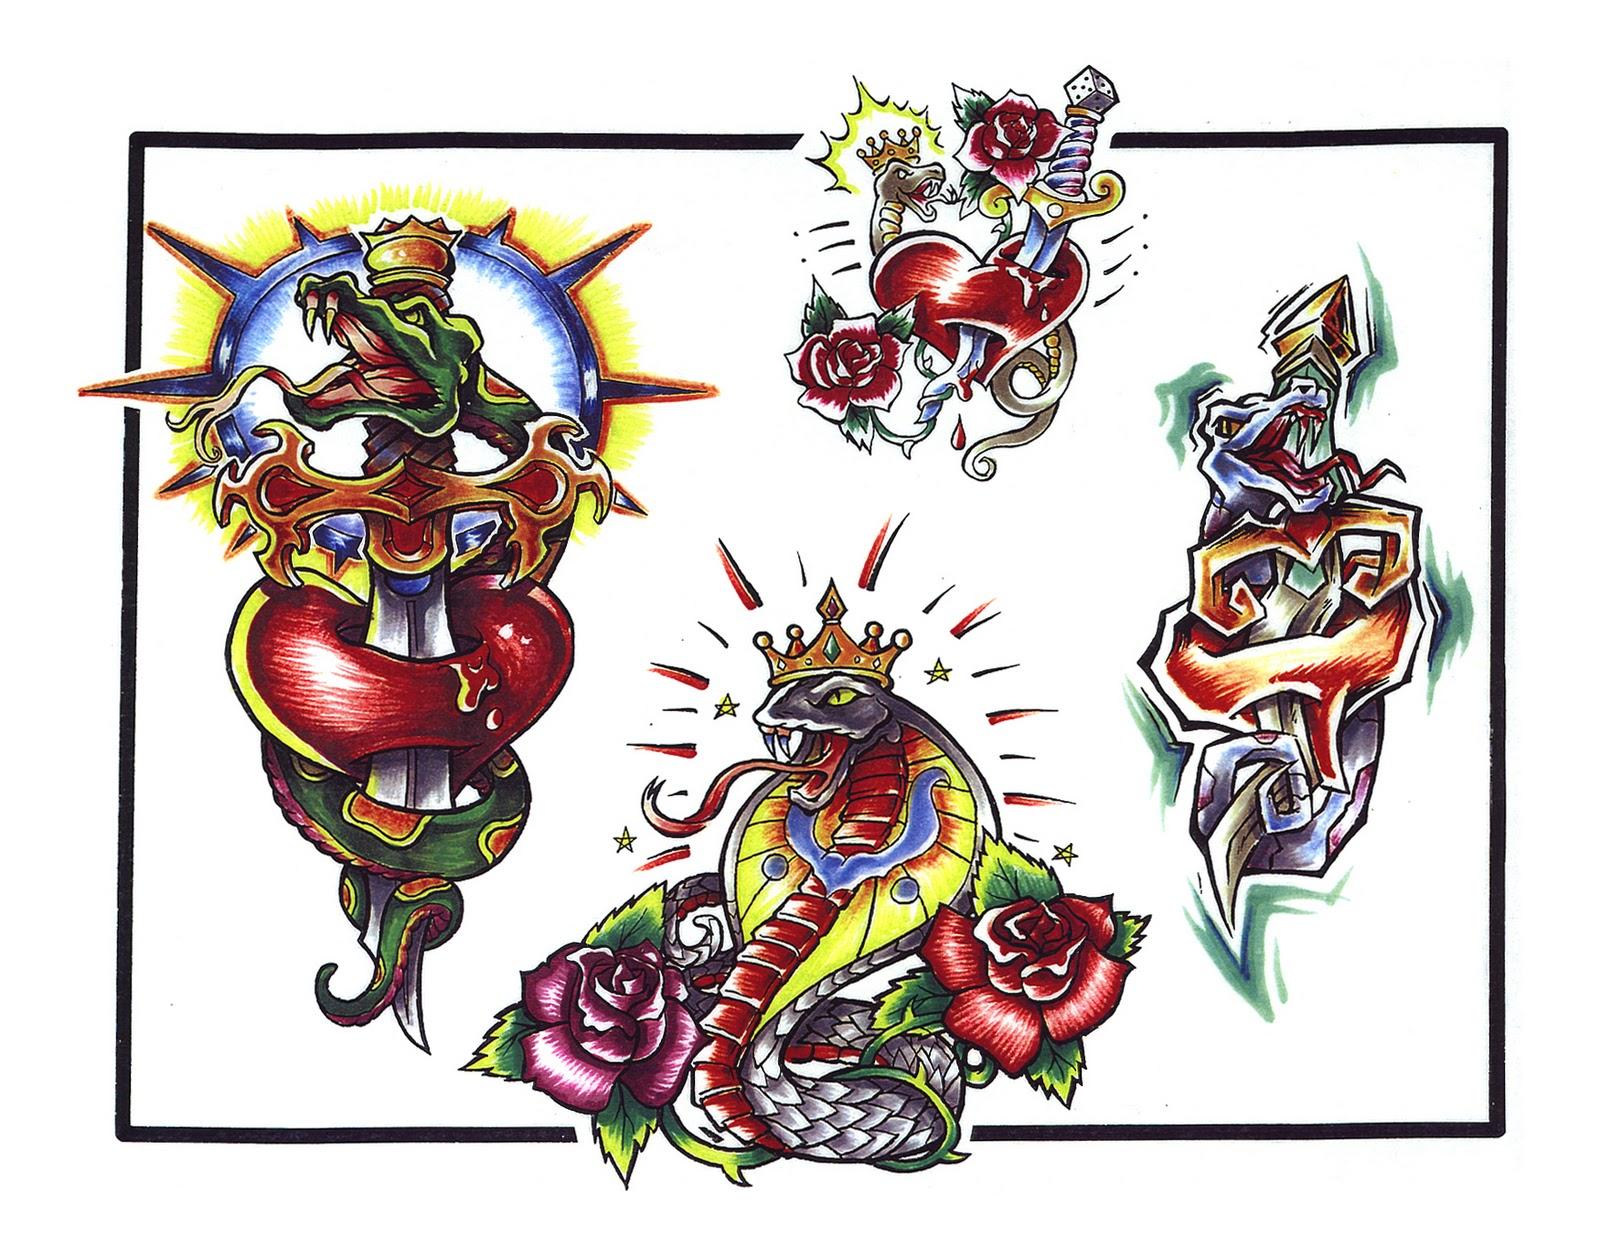 http://4.bp.blogspot.com/_CcFHoDbUgwo/TShECxL2PpI/AAAAAAAABqA/o7ziblTrsUw/s1600/flash_tattoo1.jpg